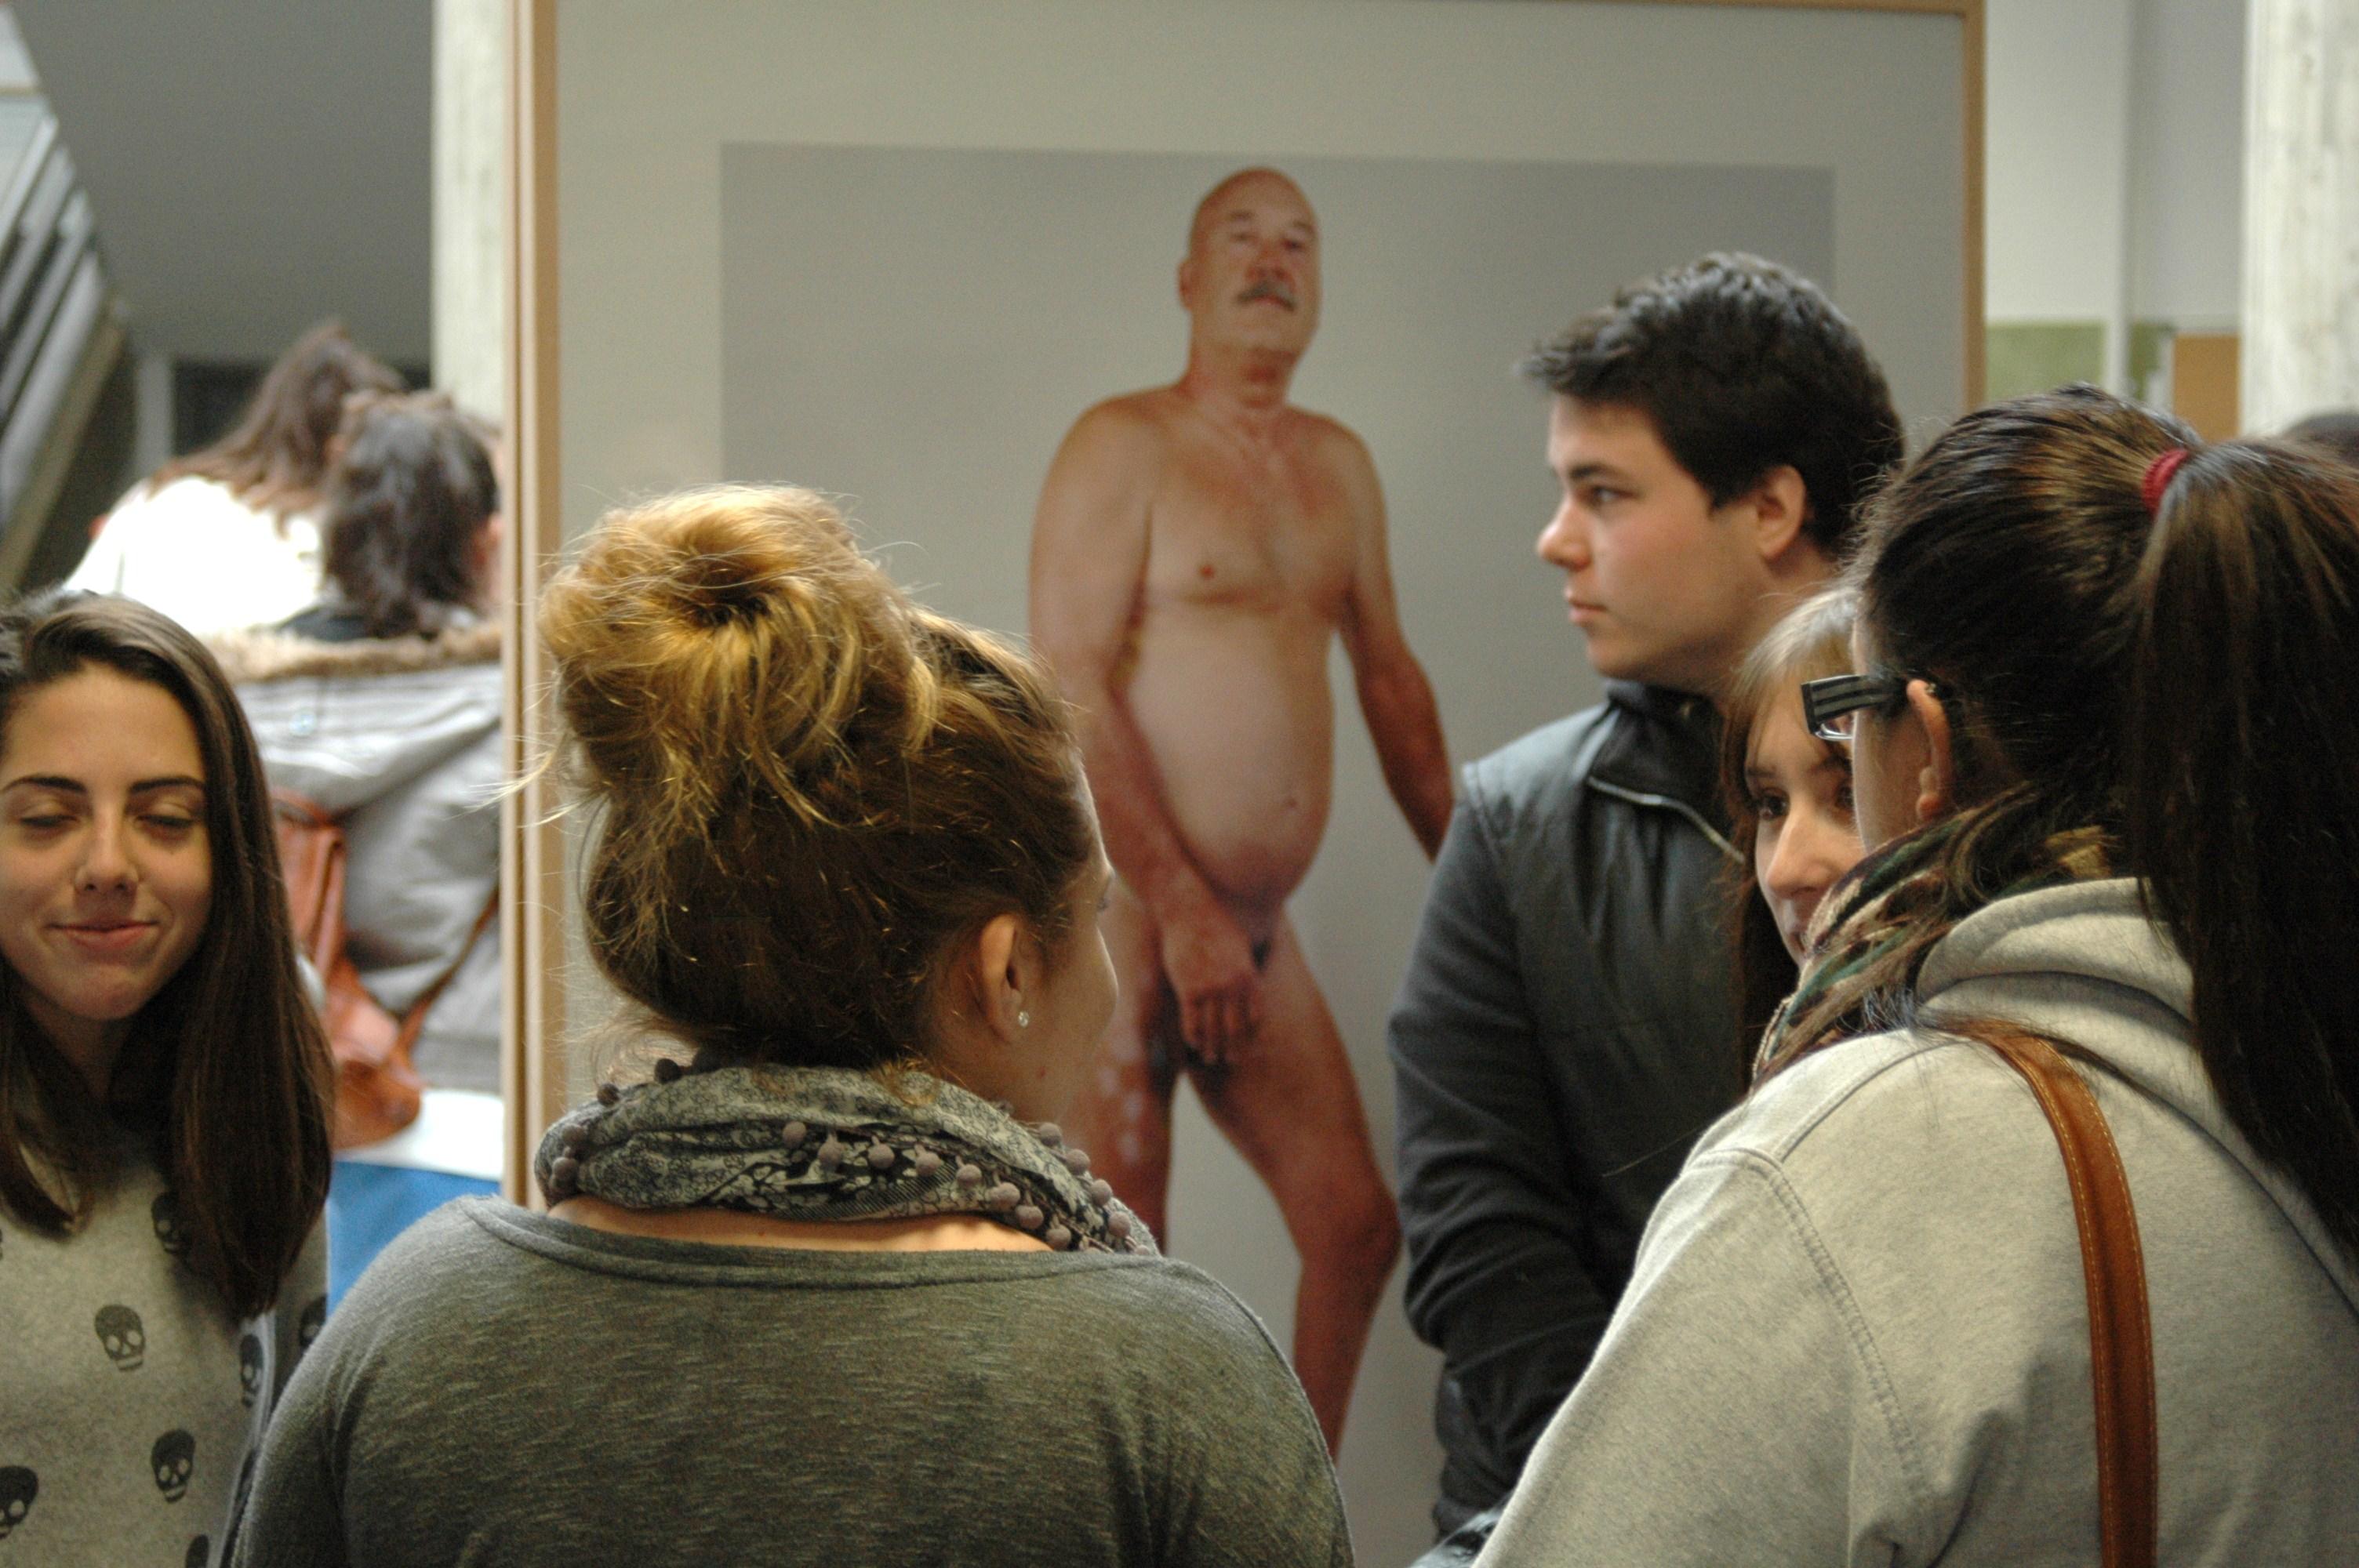 La Universidad de León acoge la exposición sobre la poliomielitis en la Península Ibérica, del investigador de la Usal Juan Antonio Rodríguez Sánchez y el fotógrafo Bernat Millet